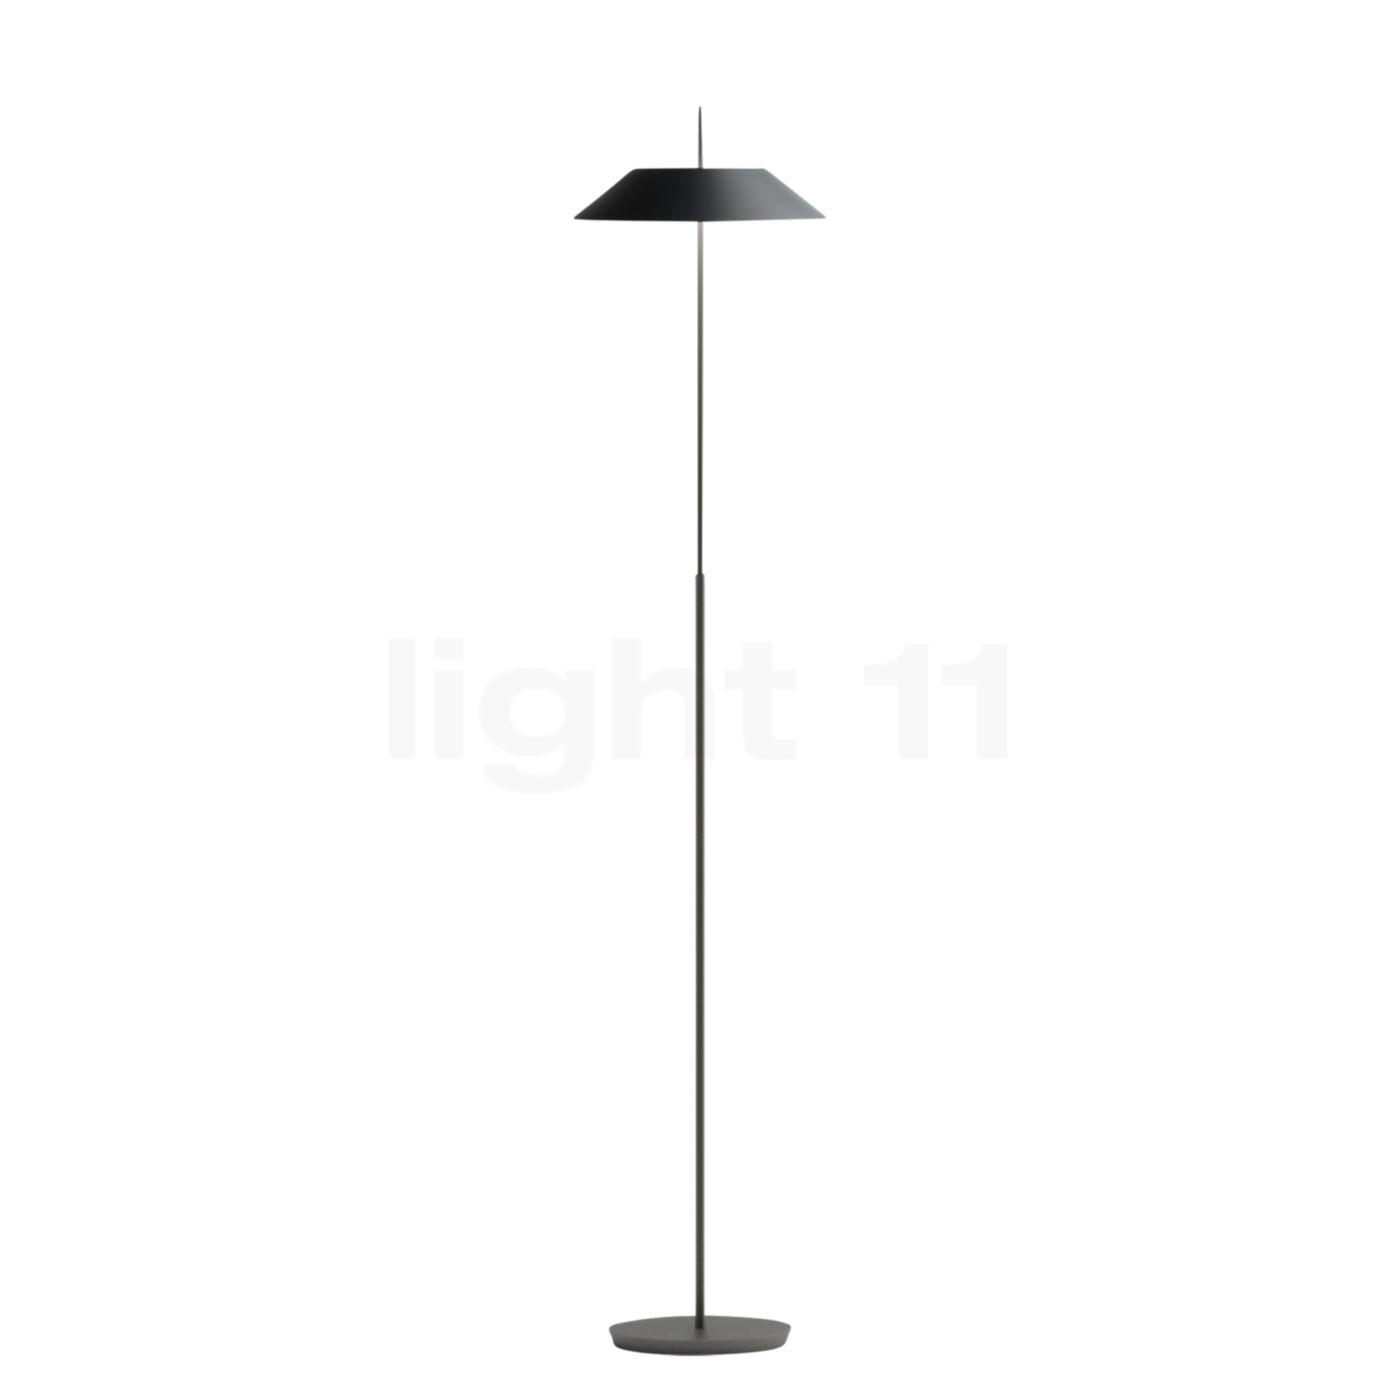 Vibia mayfair floor lamp led floor lamps buy at light11 aloadofball Images